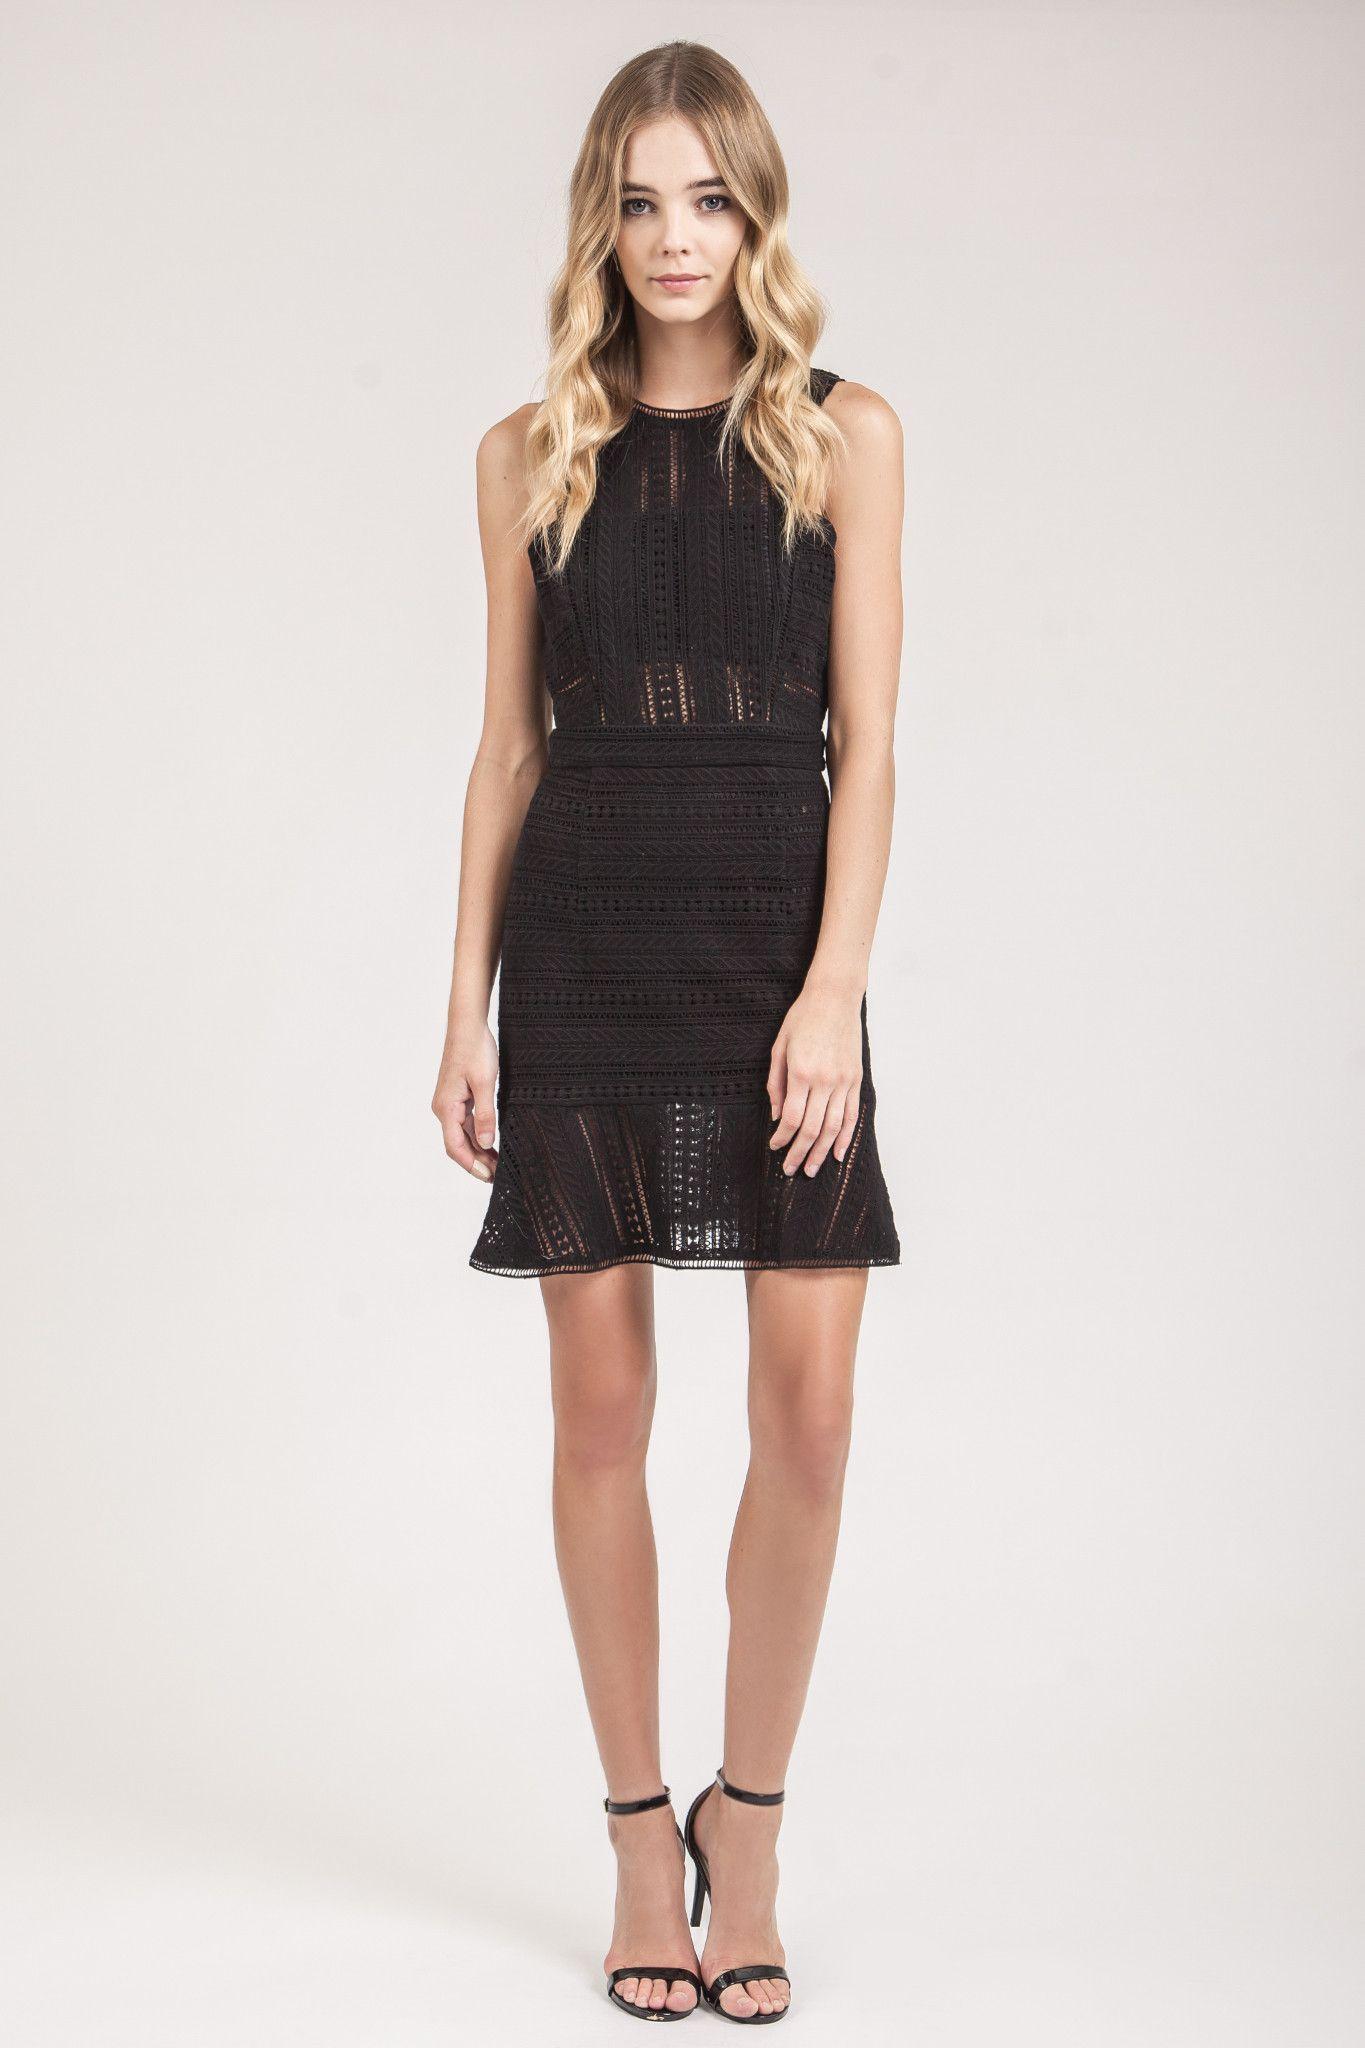 Fitted lace dress fitted lace dress dresses lace dress